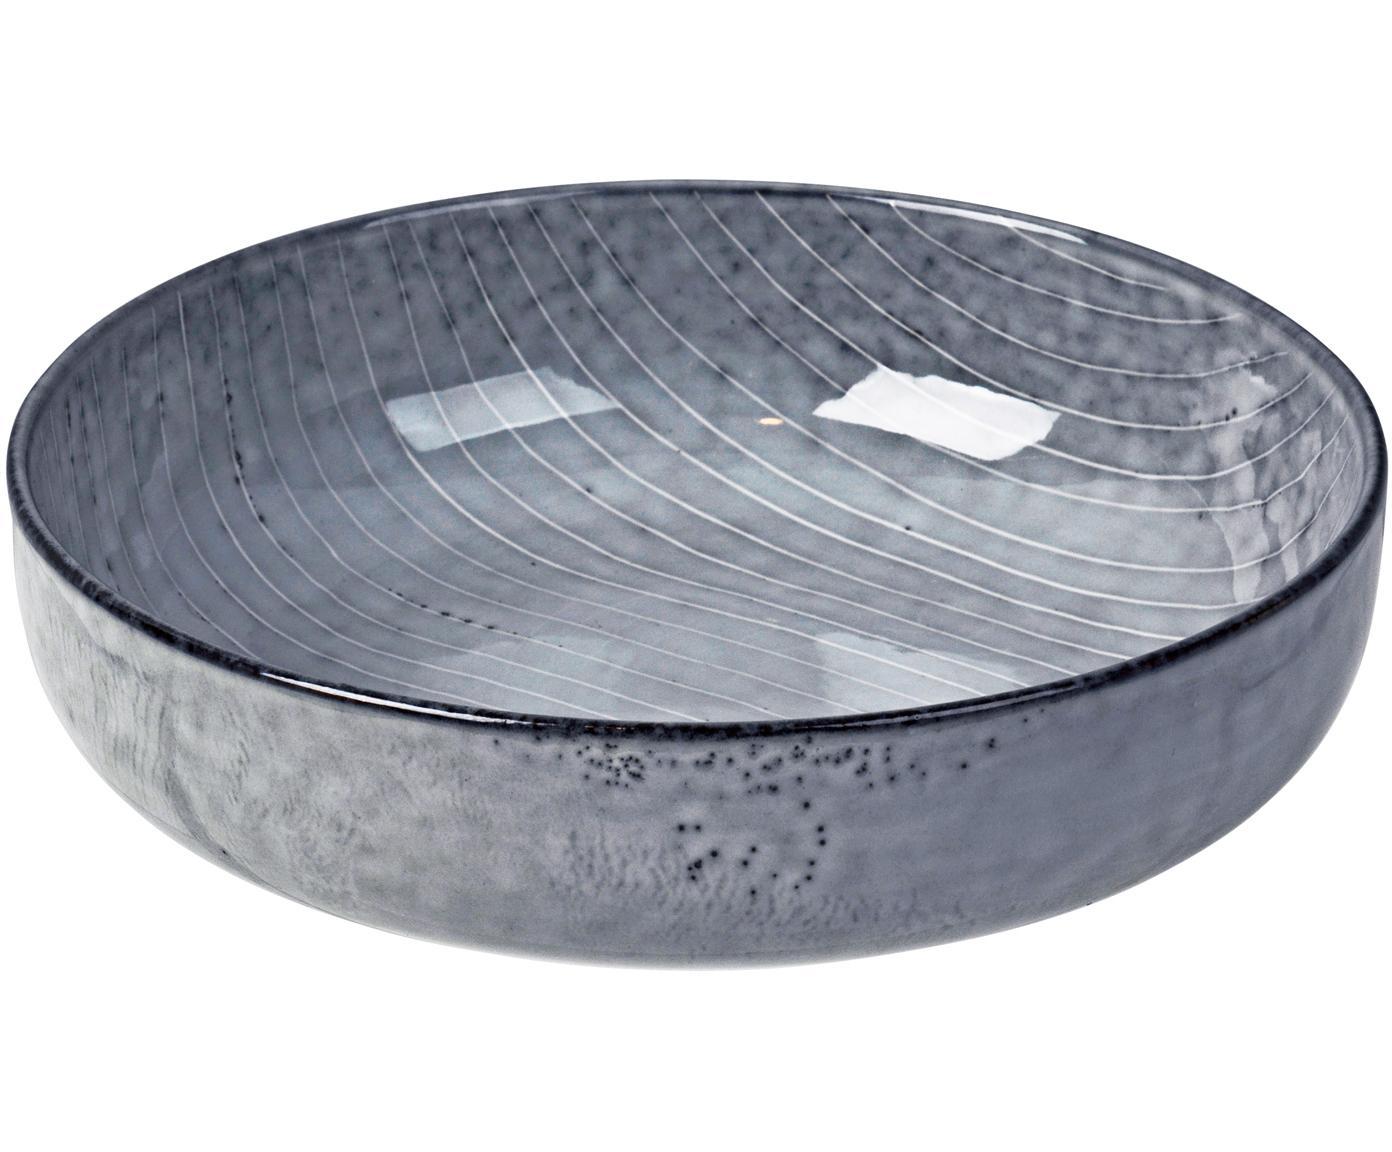 Ciotola Nordic Sea fatta a mano 4 pz, Terracotta, Sfumature di grigio e blu, Ø 17 cm